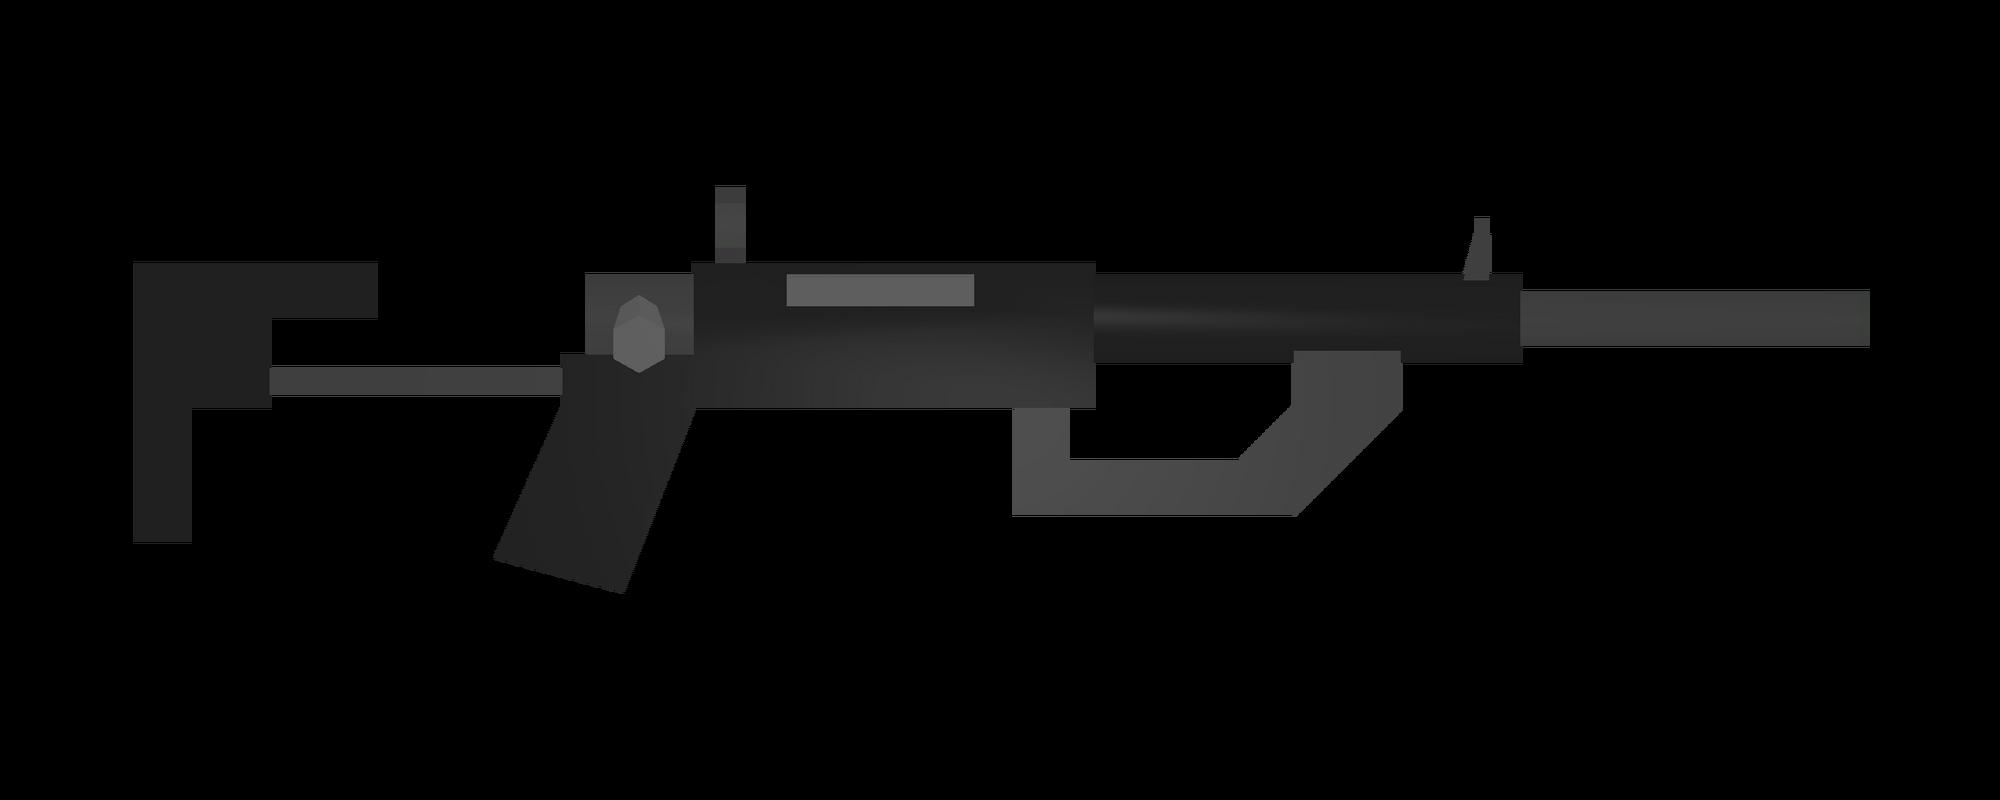 Ekho Unturned Bunker Wiki